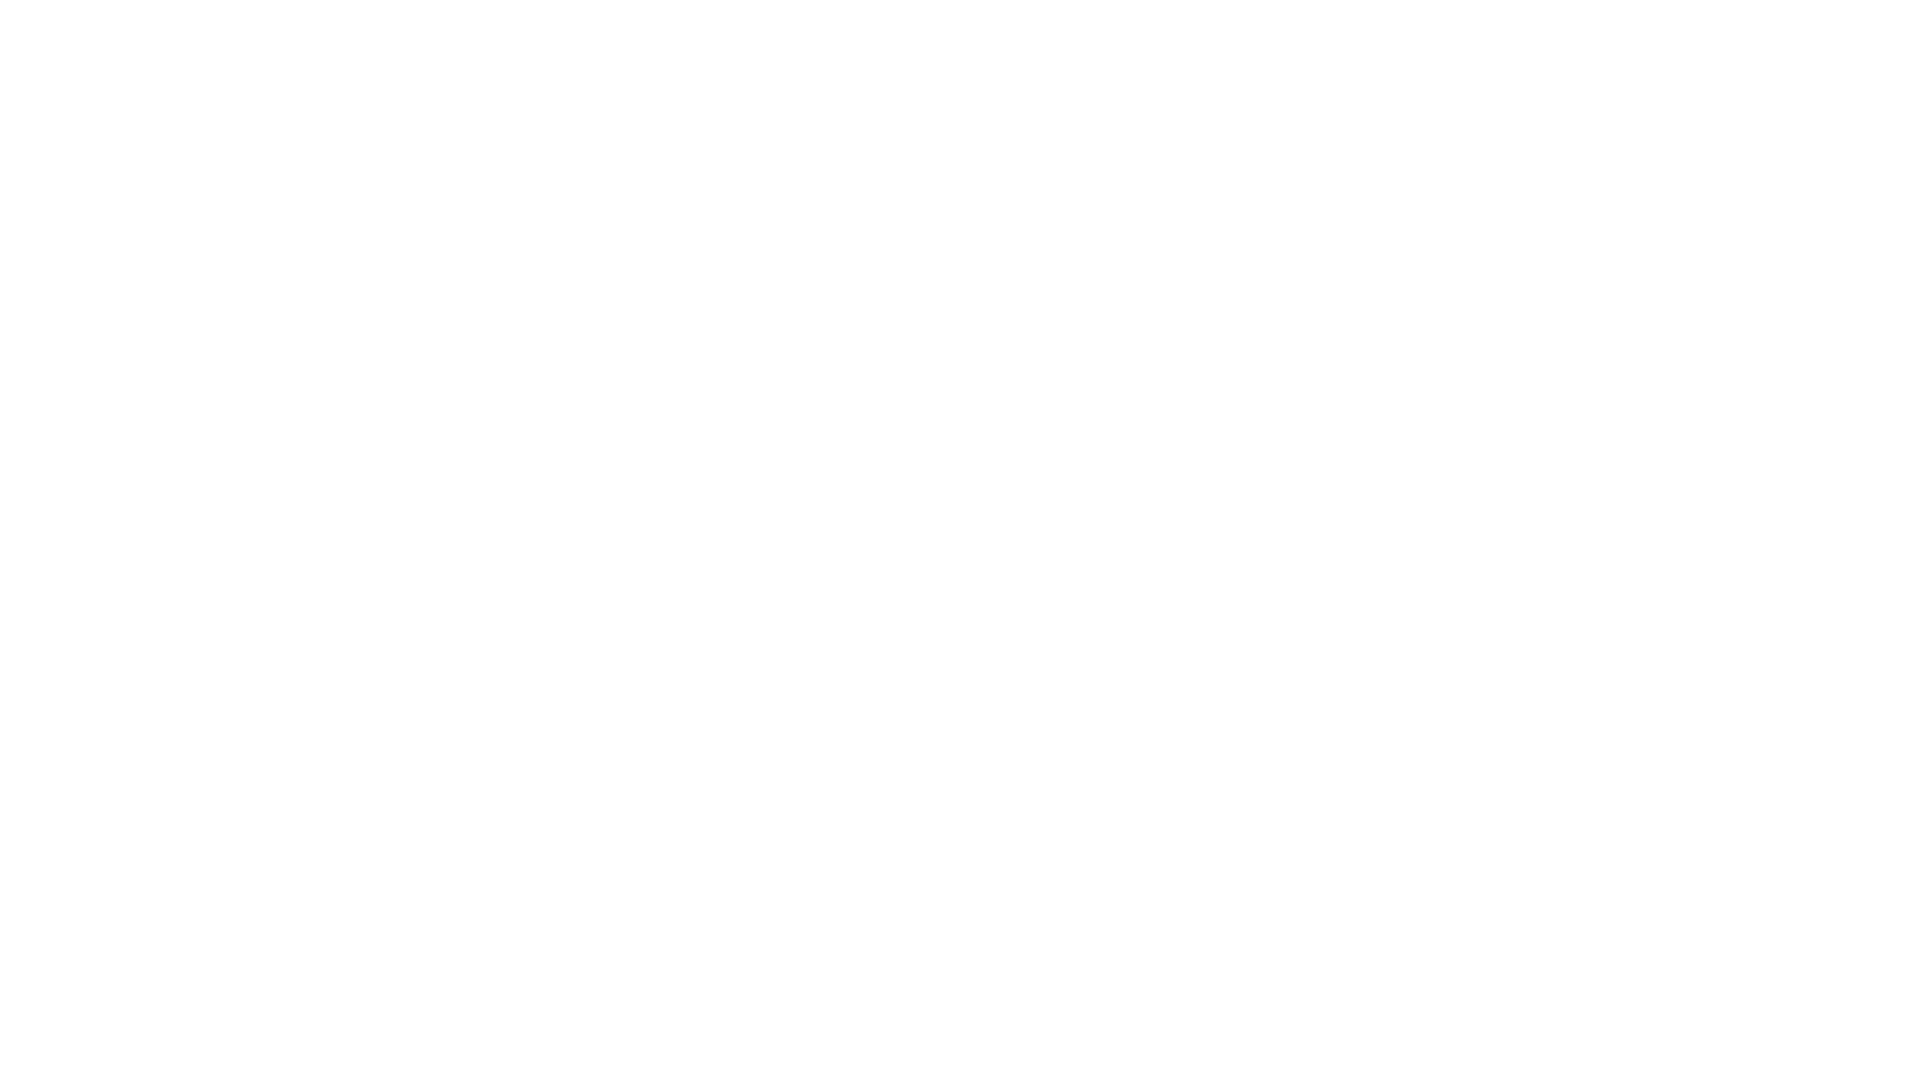 デジタルポケットジュエリースケール+ポータブルダイヤモンドテスターセレクター宝石商ツールセット